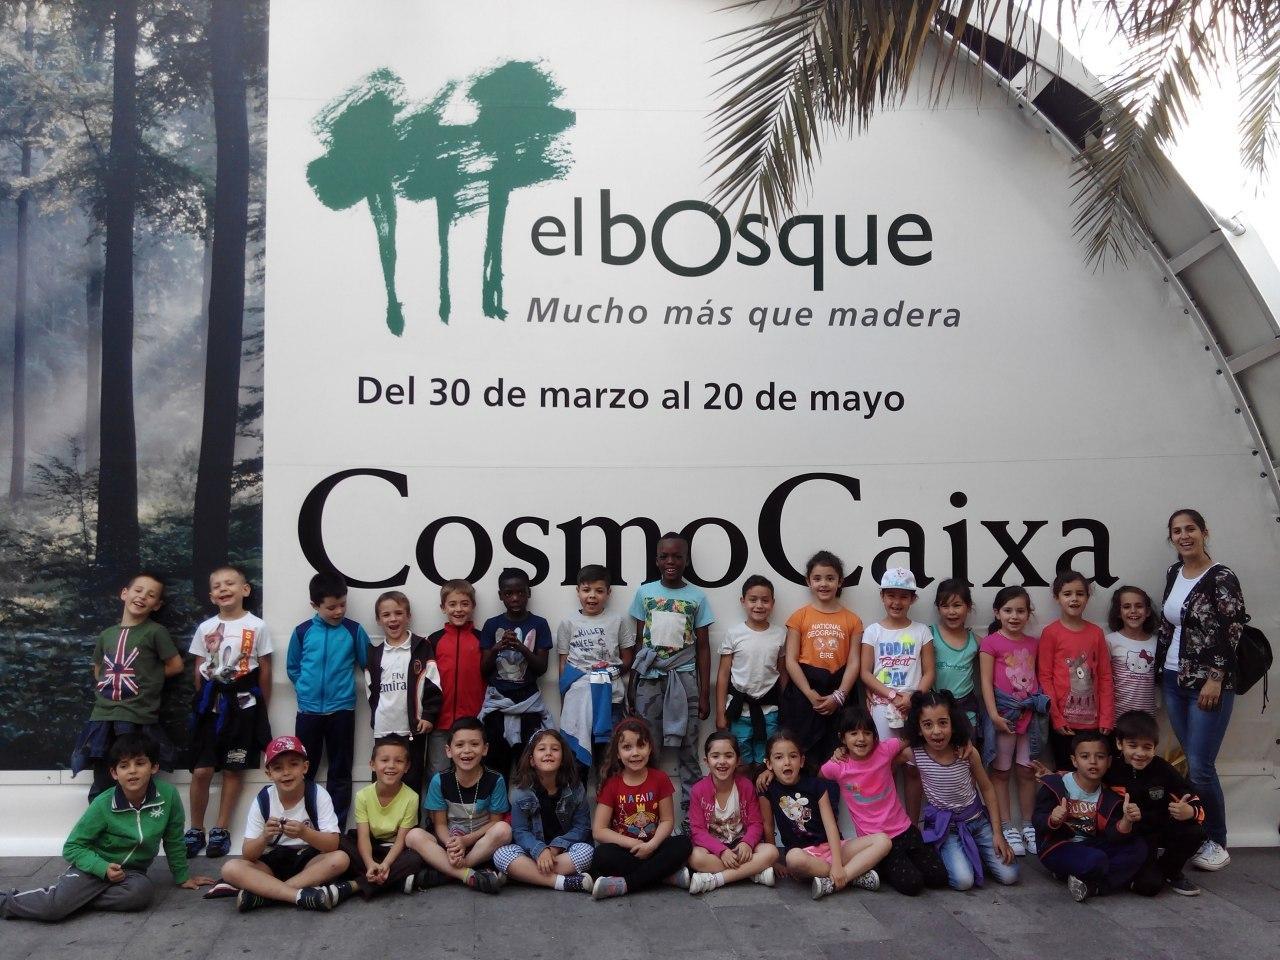 Visita a la exposición El Bosque. 1º 2º Primaria. CEIP Pinocho. 2016/17 19